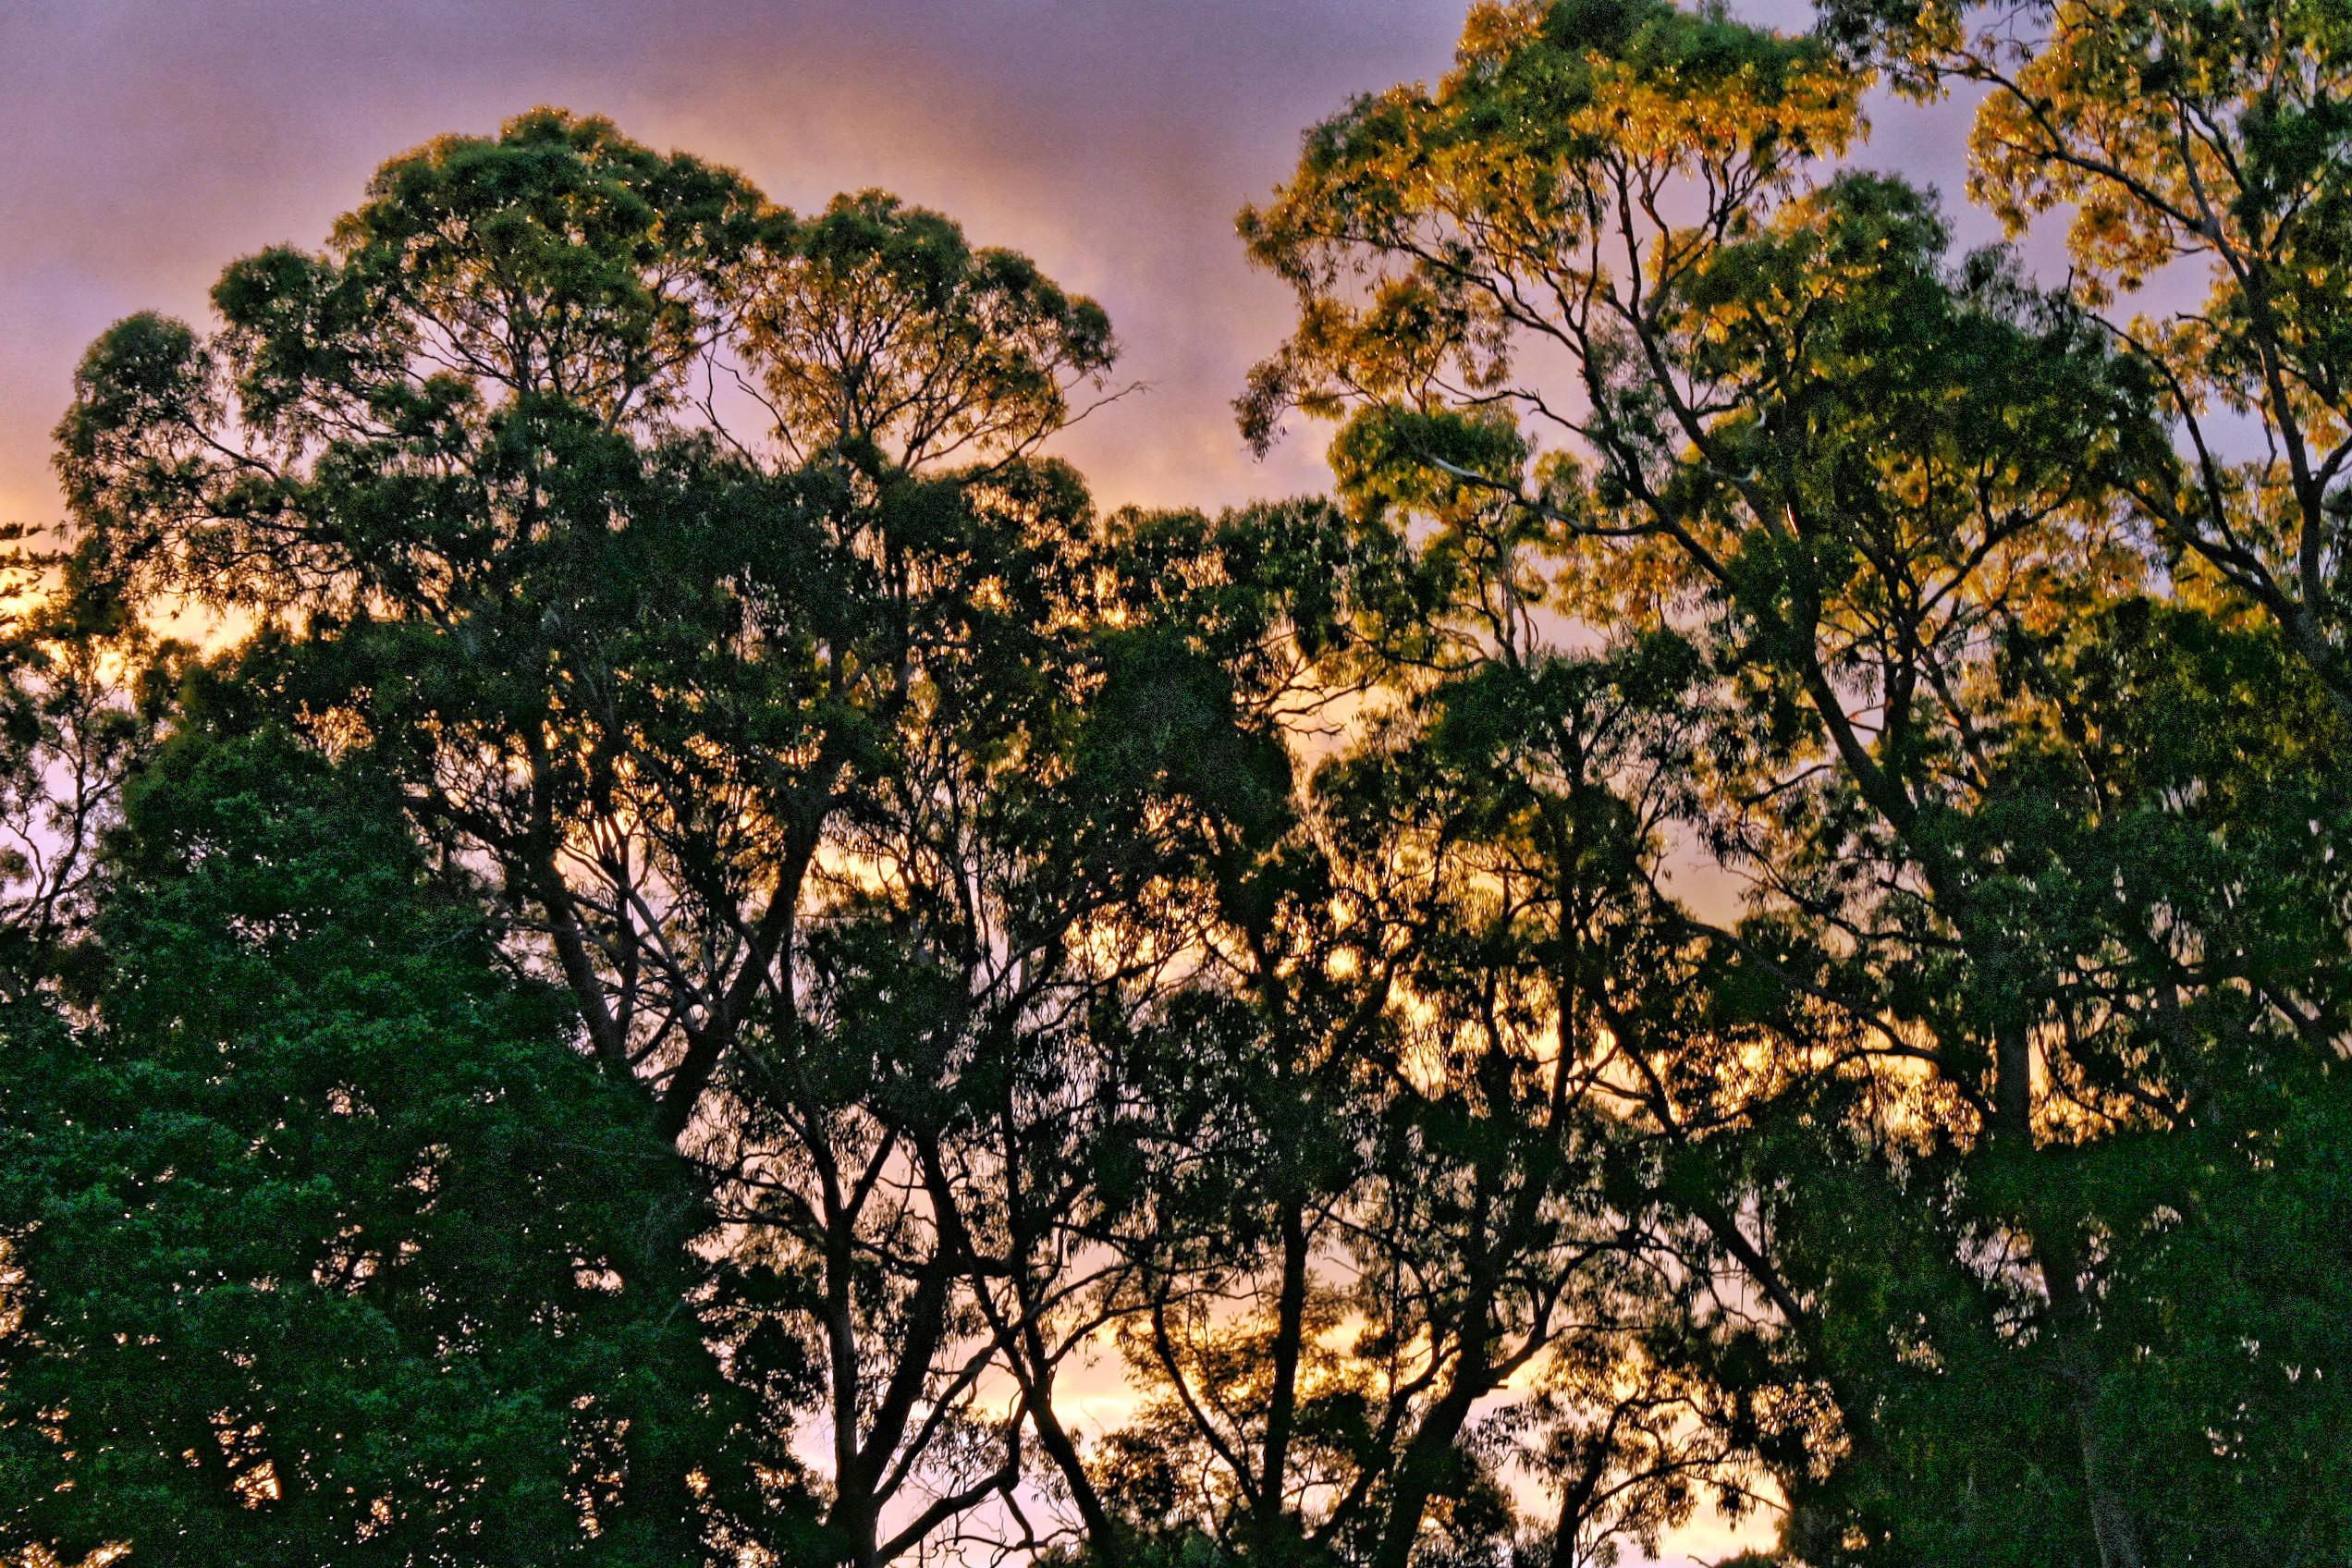 sunset-y-10.jpeg